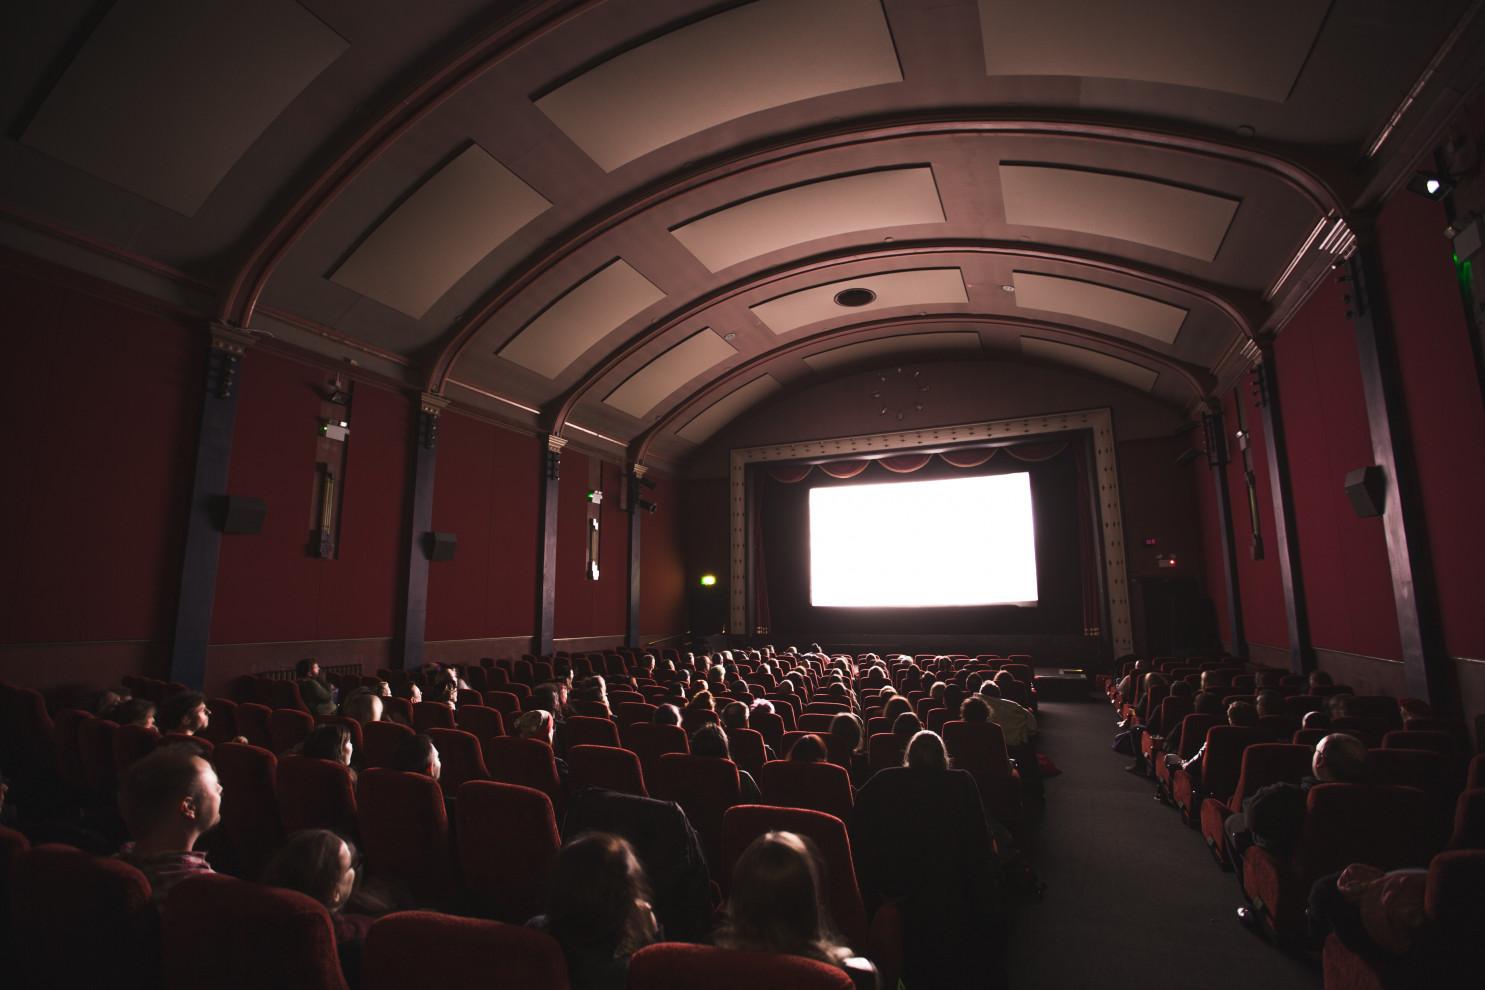 Cinema theatre on a premiere day